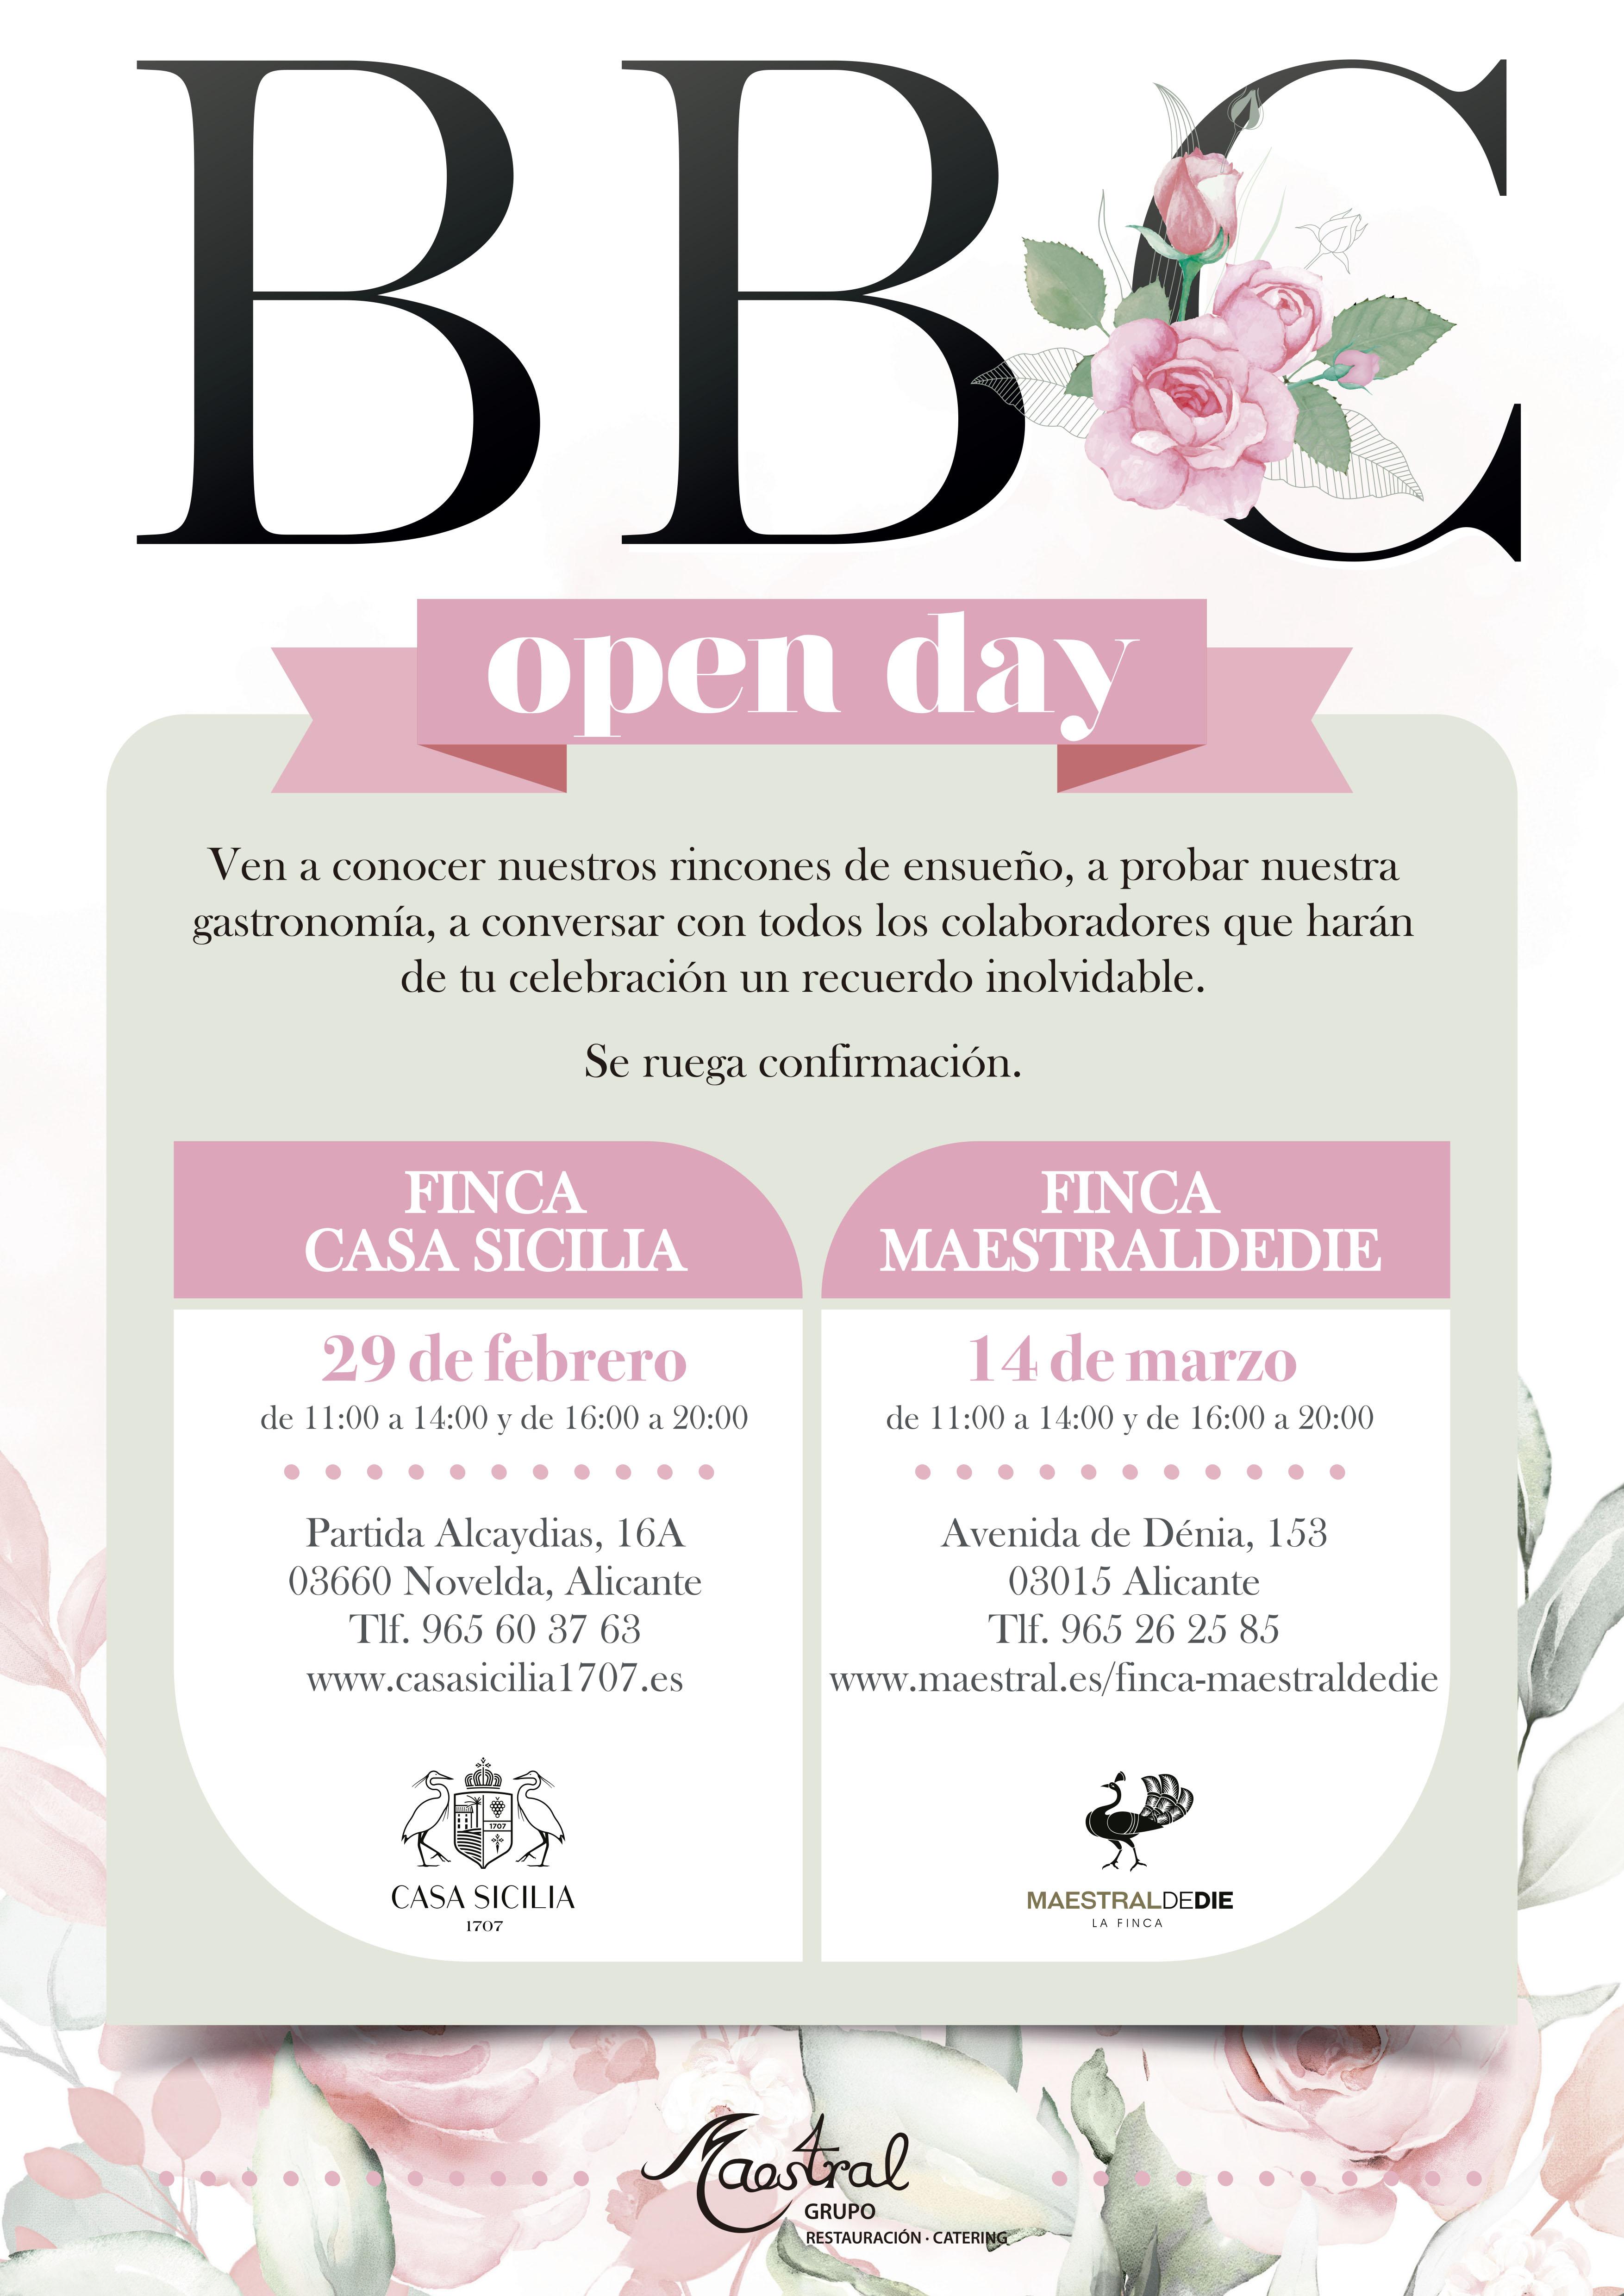 Cartel Open Day Casa Sicilia y Maestraldedie